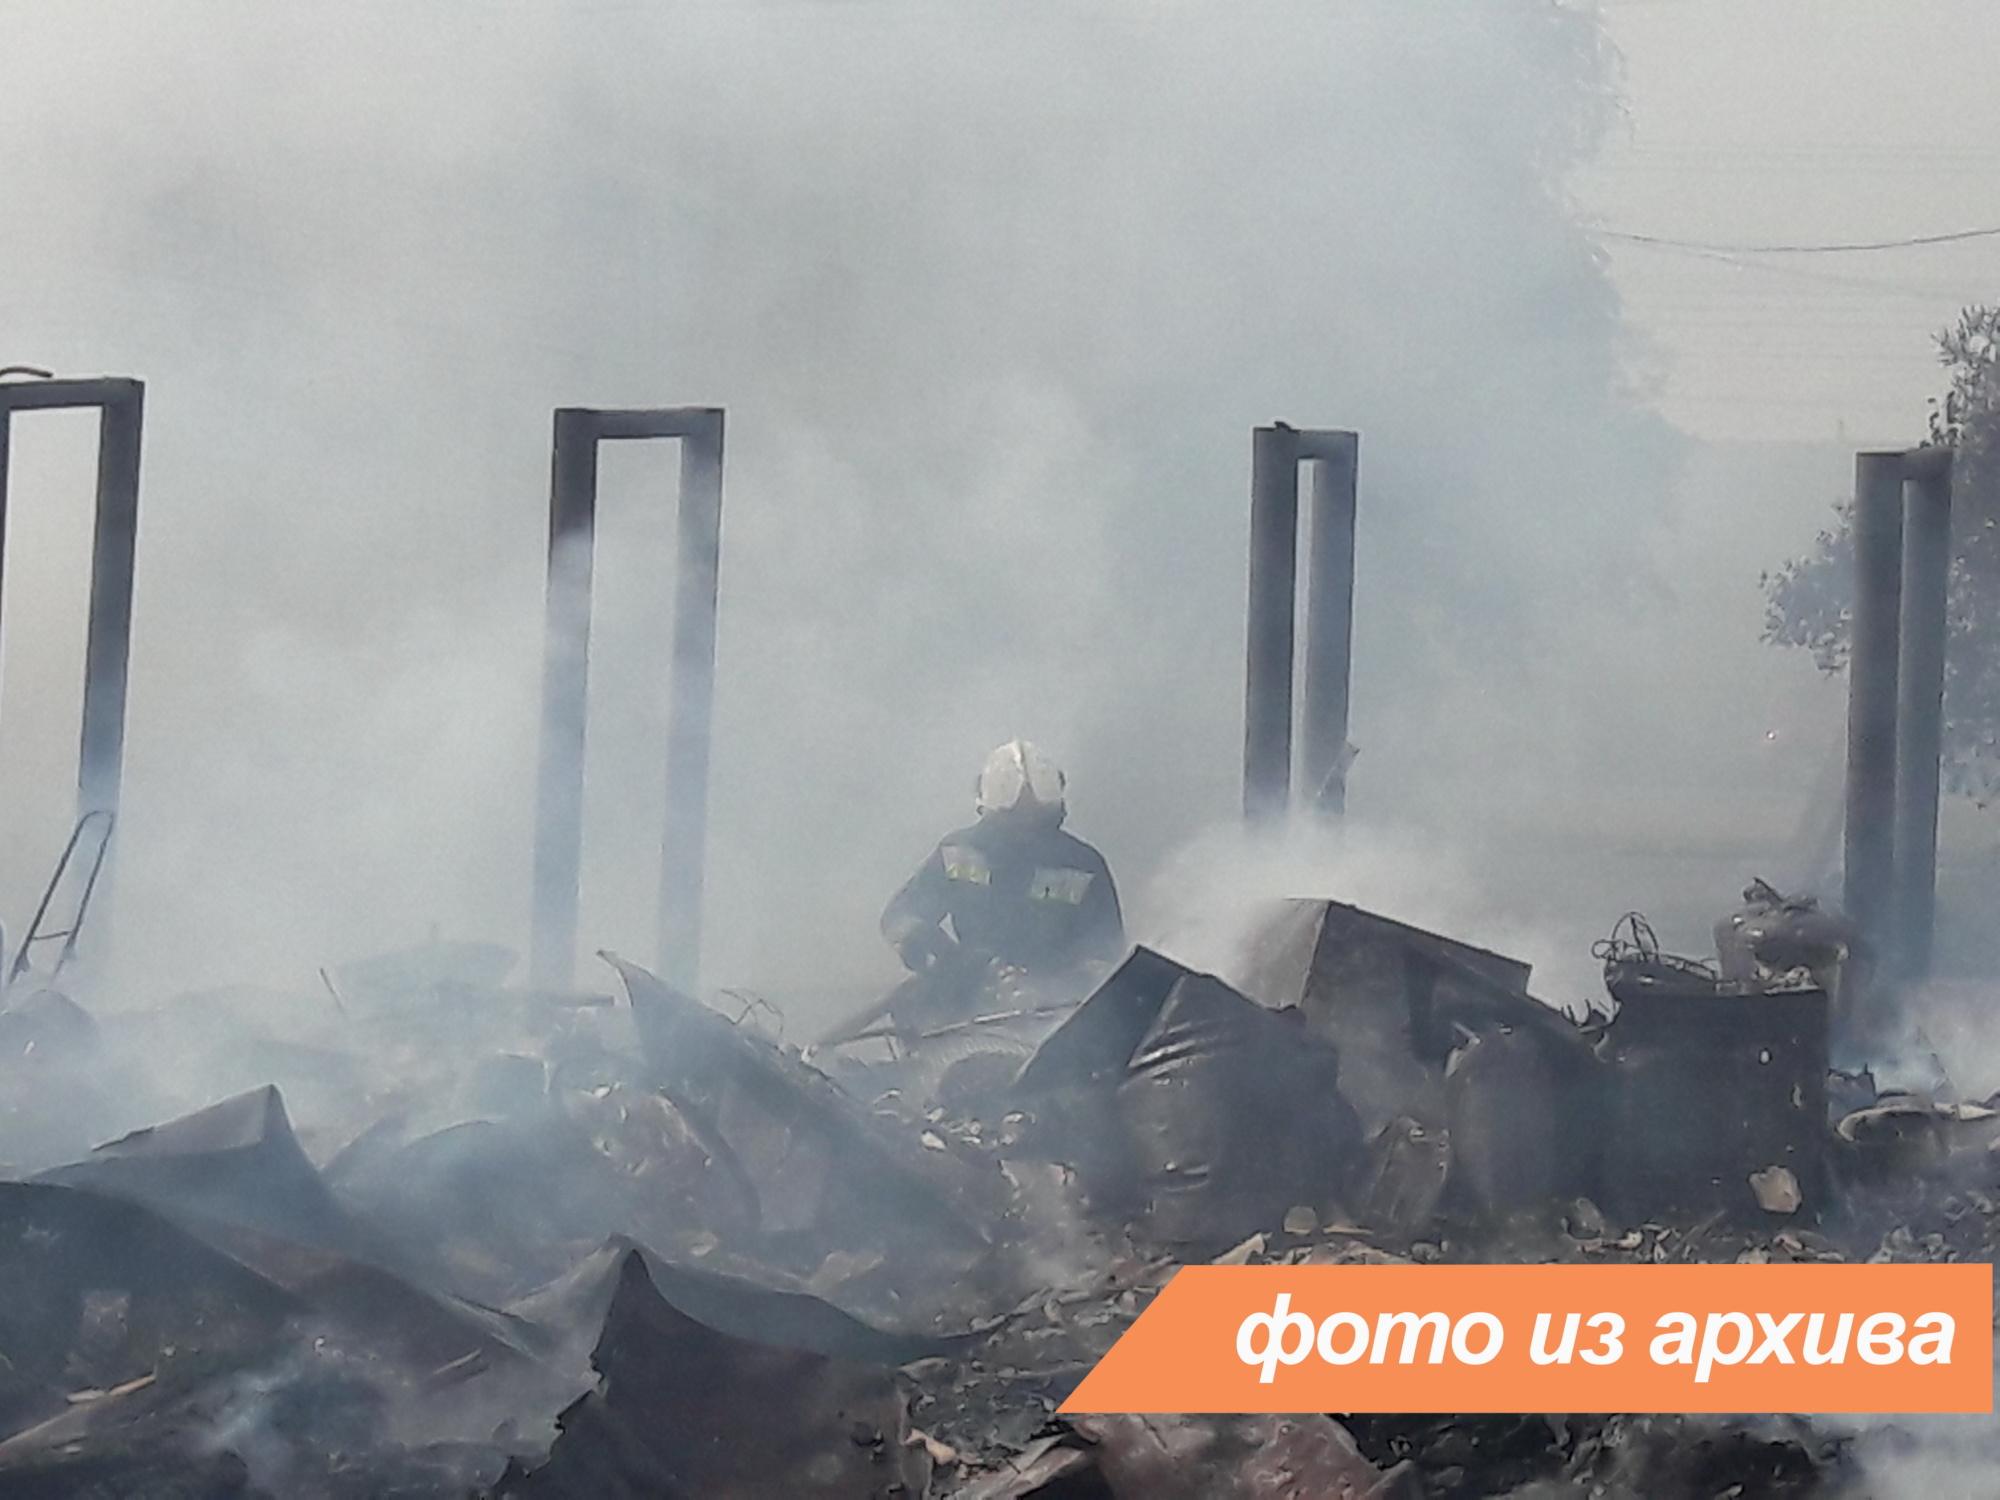 Пожарно-спасательные подразделения Ленинградской области ликвидировали пожар в Кингисеппском районе